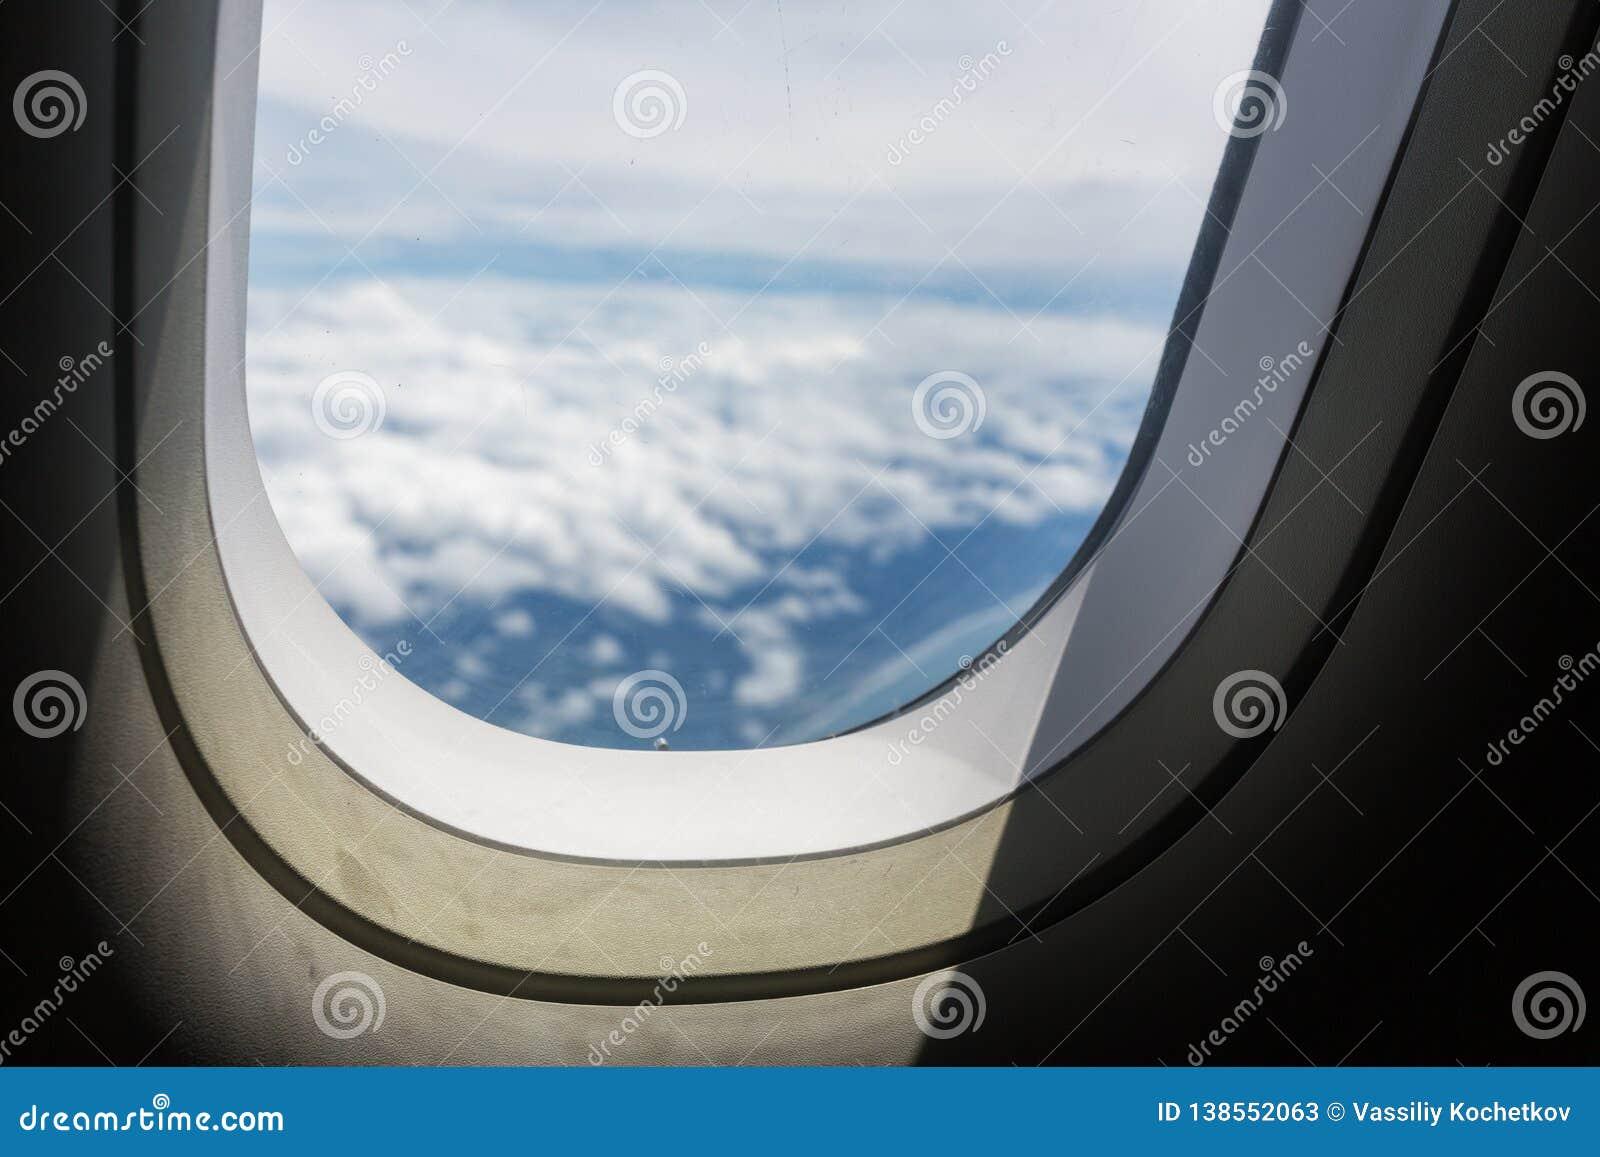 Ciel Bleu Et Nuage Avec Regarder Une Fenêtre De Hublot Davions